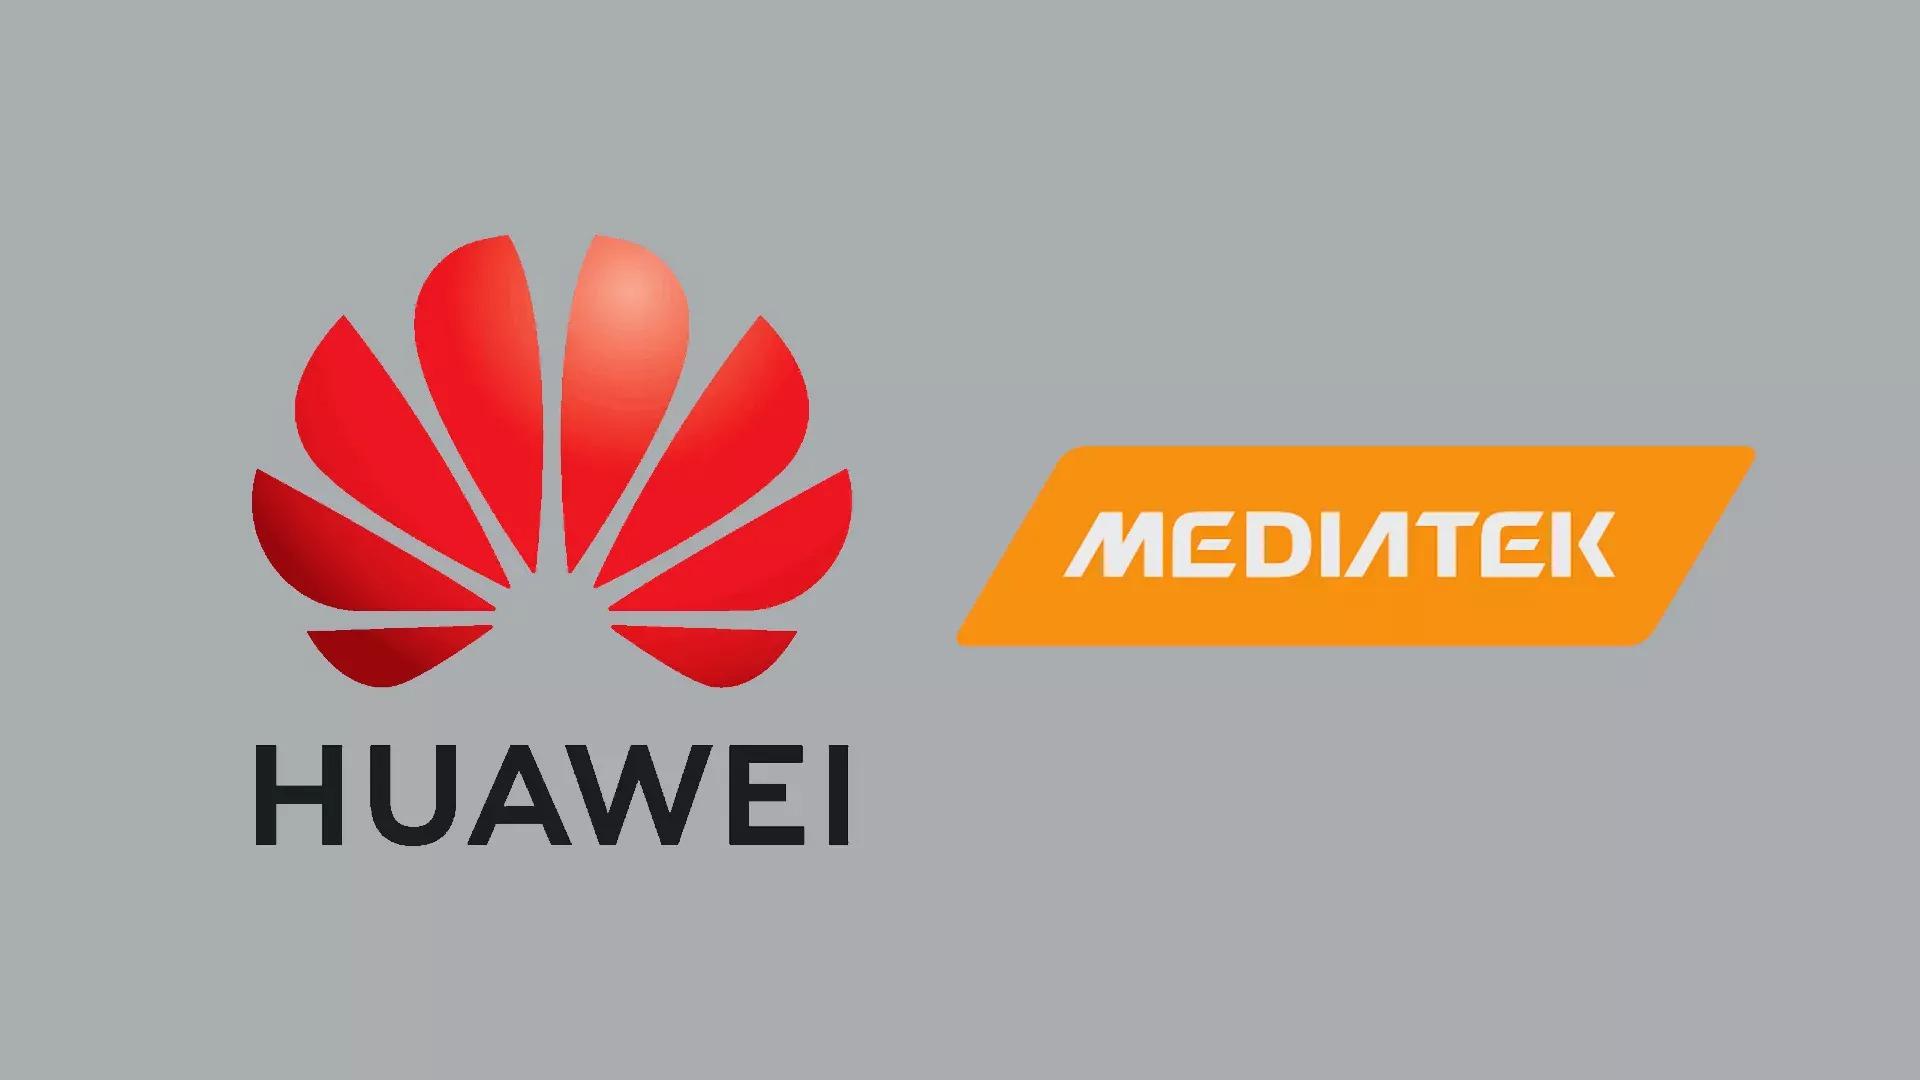 MediaTek chưa hứa chắc sẽ có cung cấp chip cho Huawei hay không